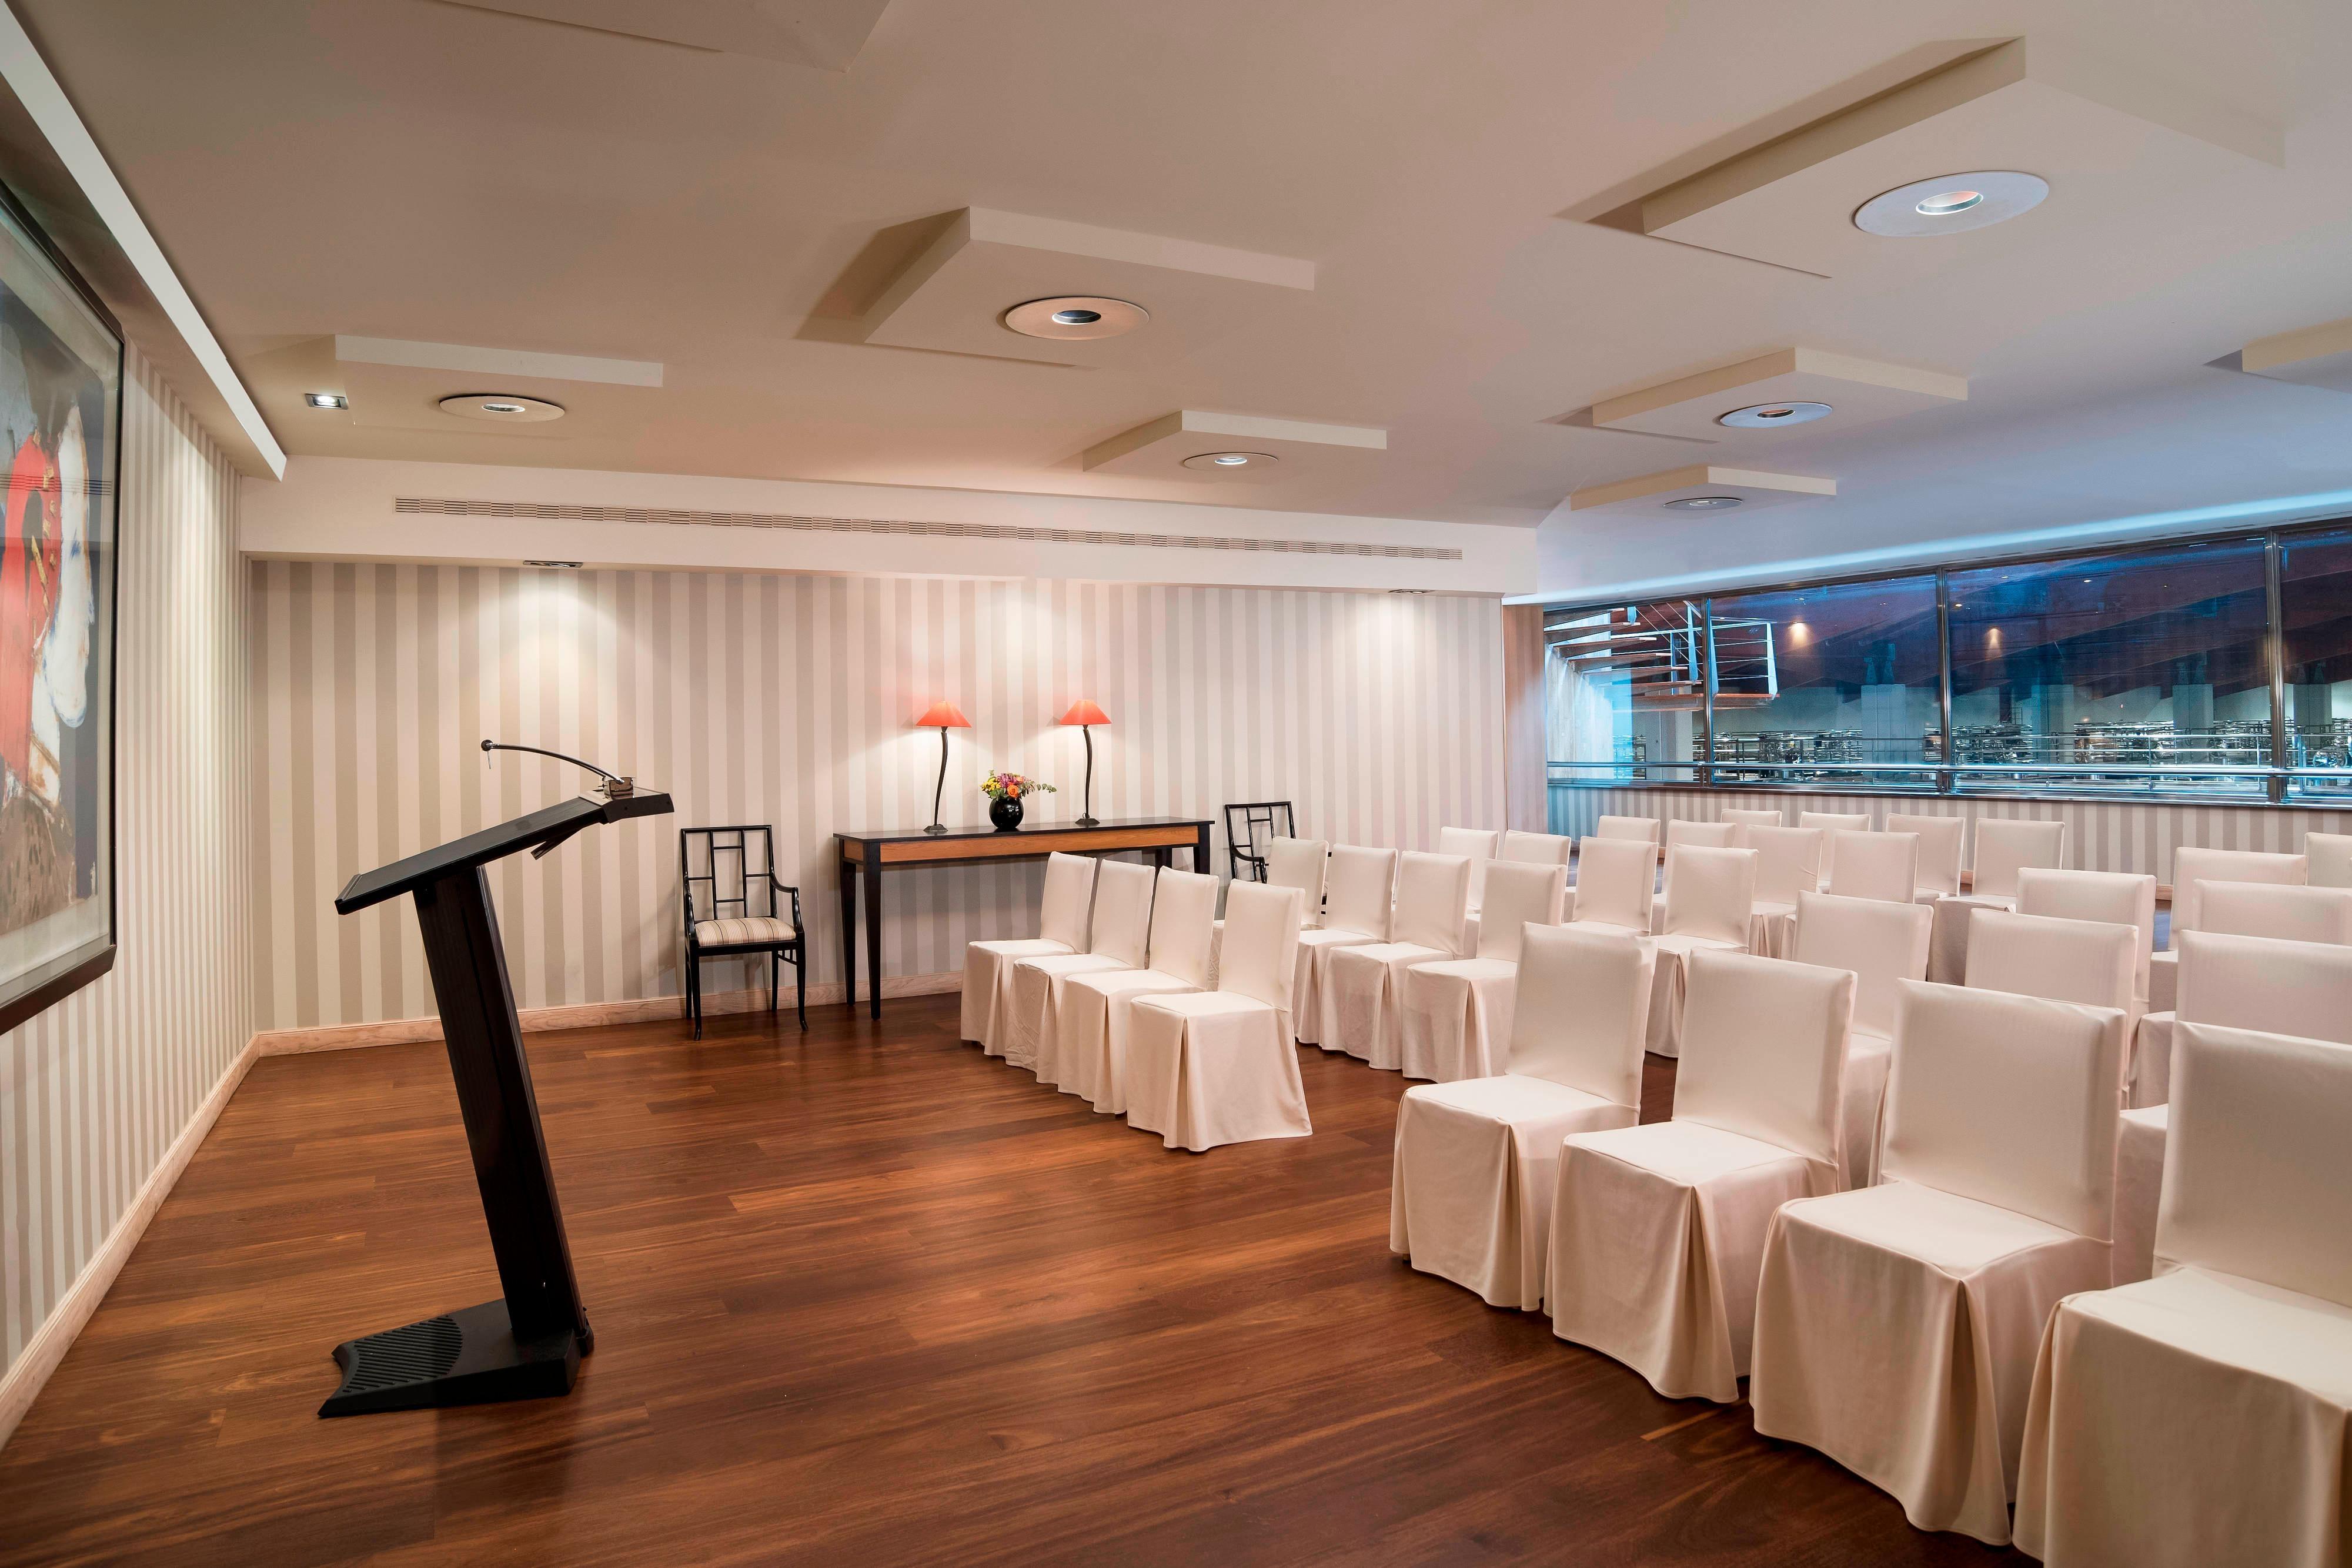 Salle de réunion Chirel: configuration avec tables en U